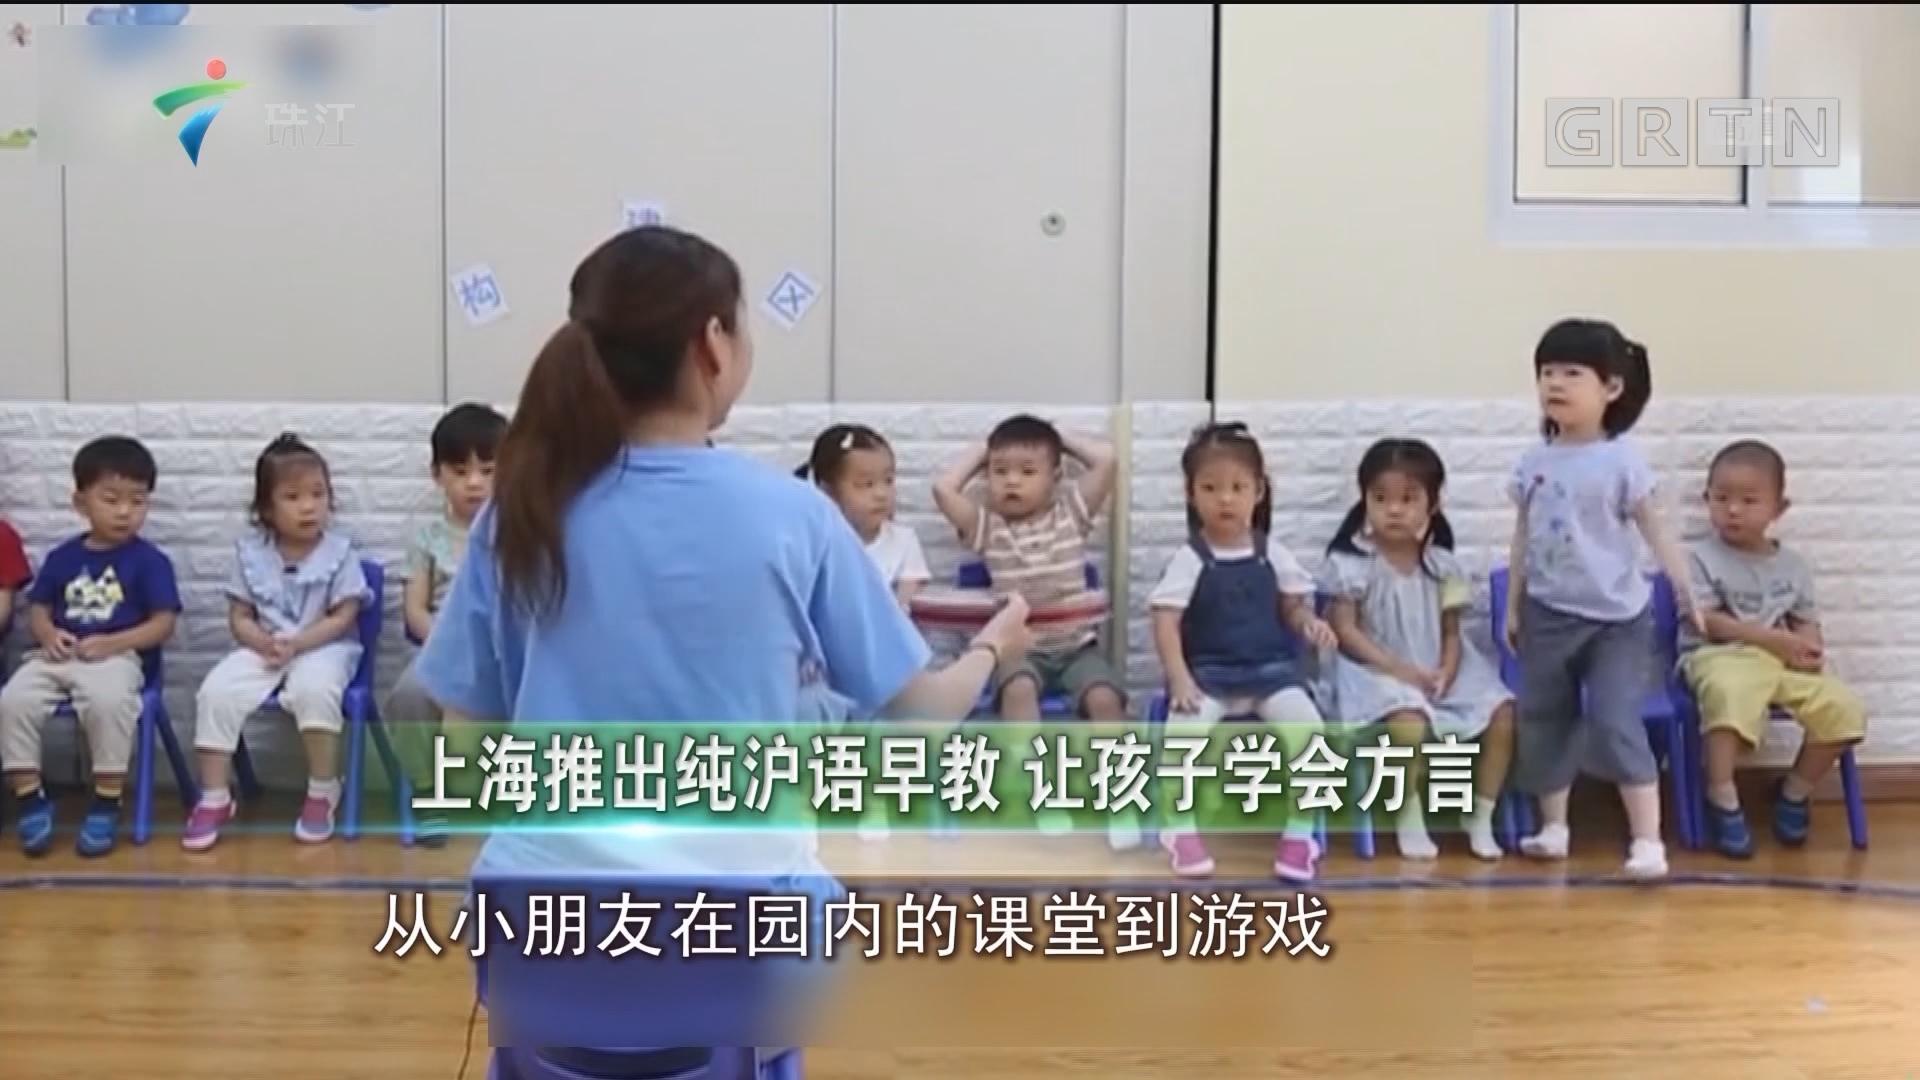 上海推出纯沪语早教 让孩子学会方言